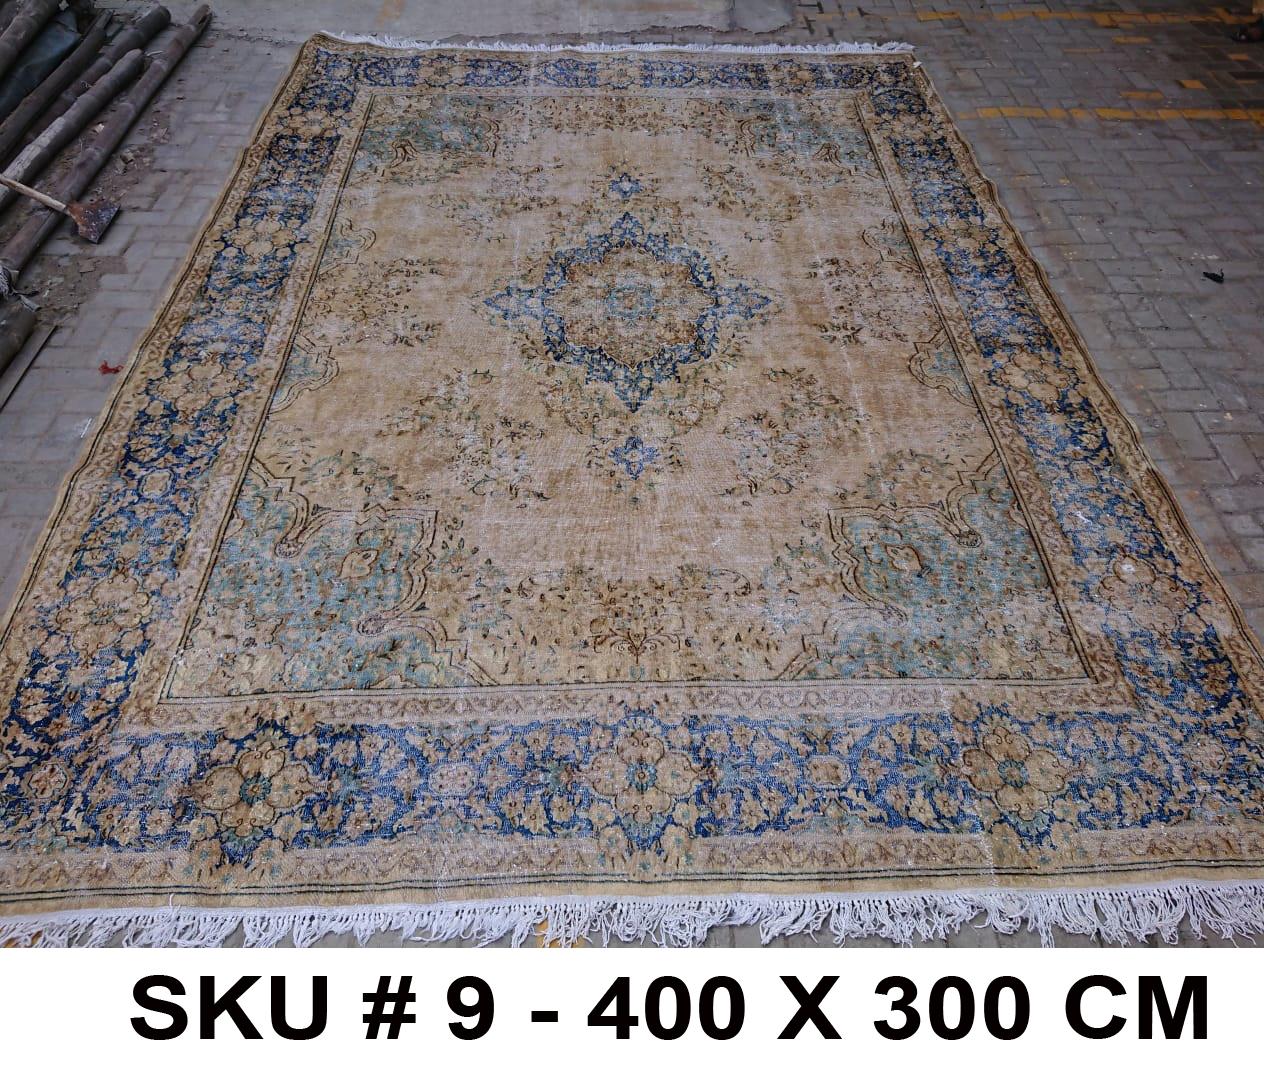 Vintage vloerkleed zandkleur met blauw, nr.62339, 400cm x 300cm